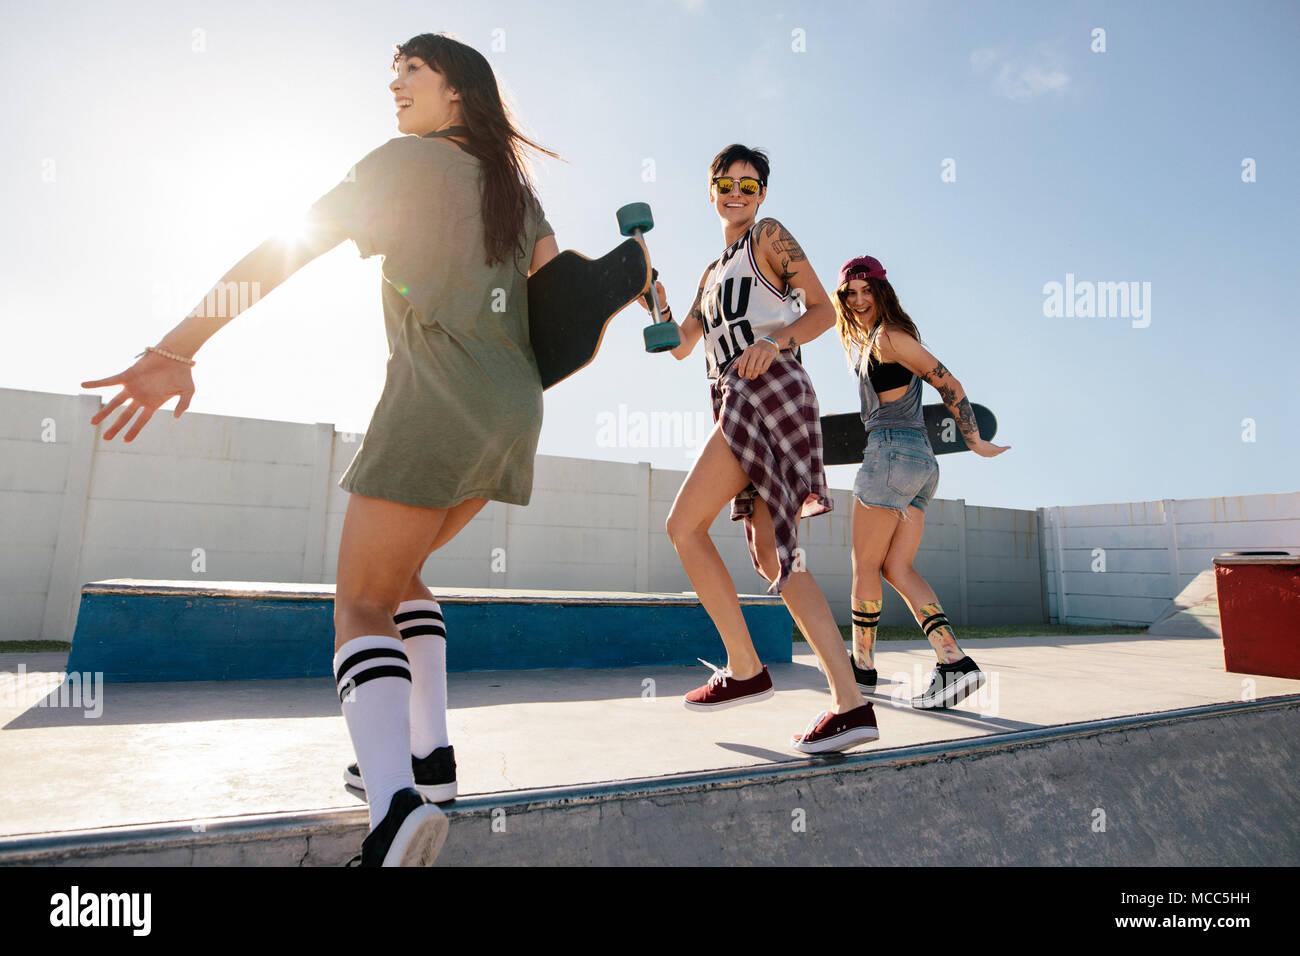 Tres amigas correr y saltar sobre la rampa de skate park. Las mujeres  skaters disfrutan 655ca793afc